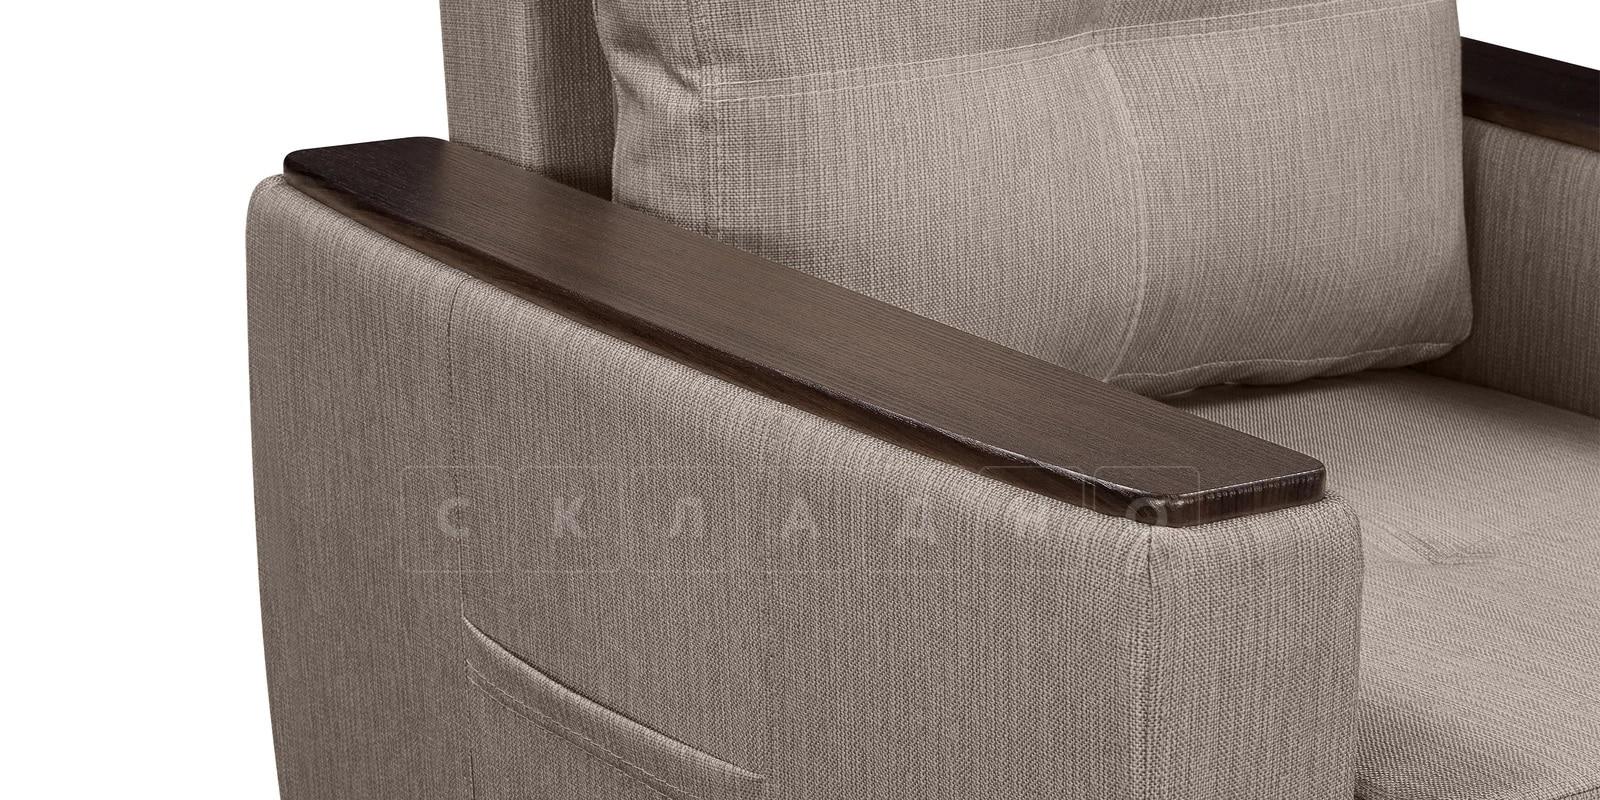 Кресло Майами темно-бежевое со спальным местом фото 5 | интернет-магазин Складно